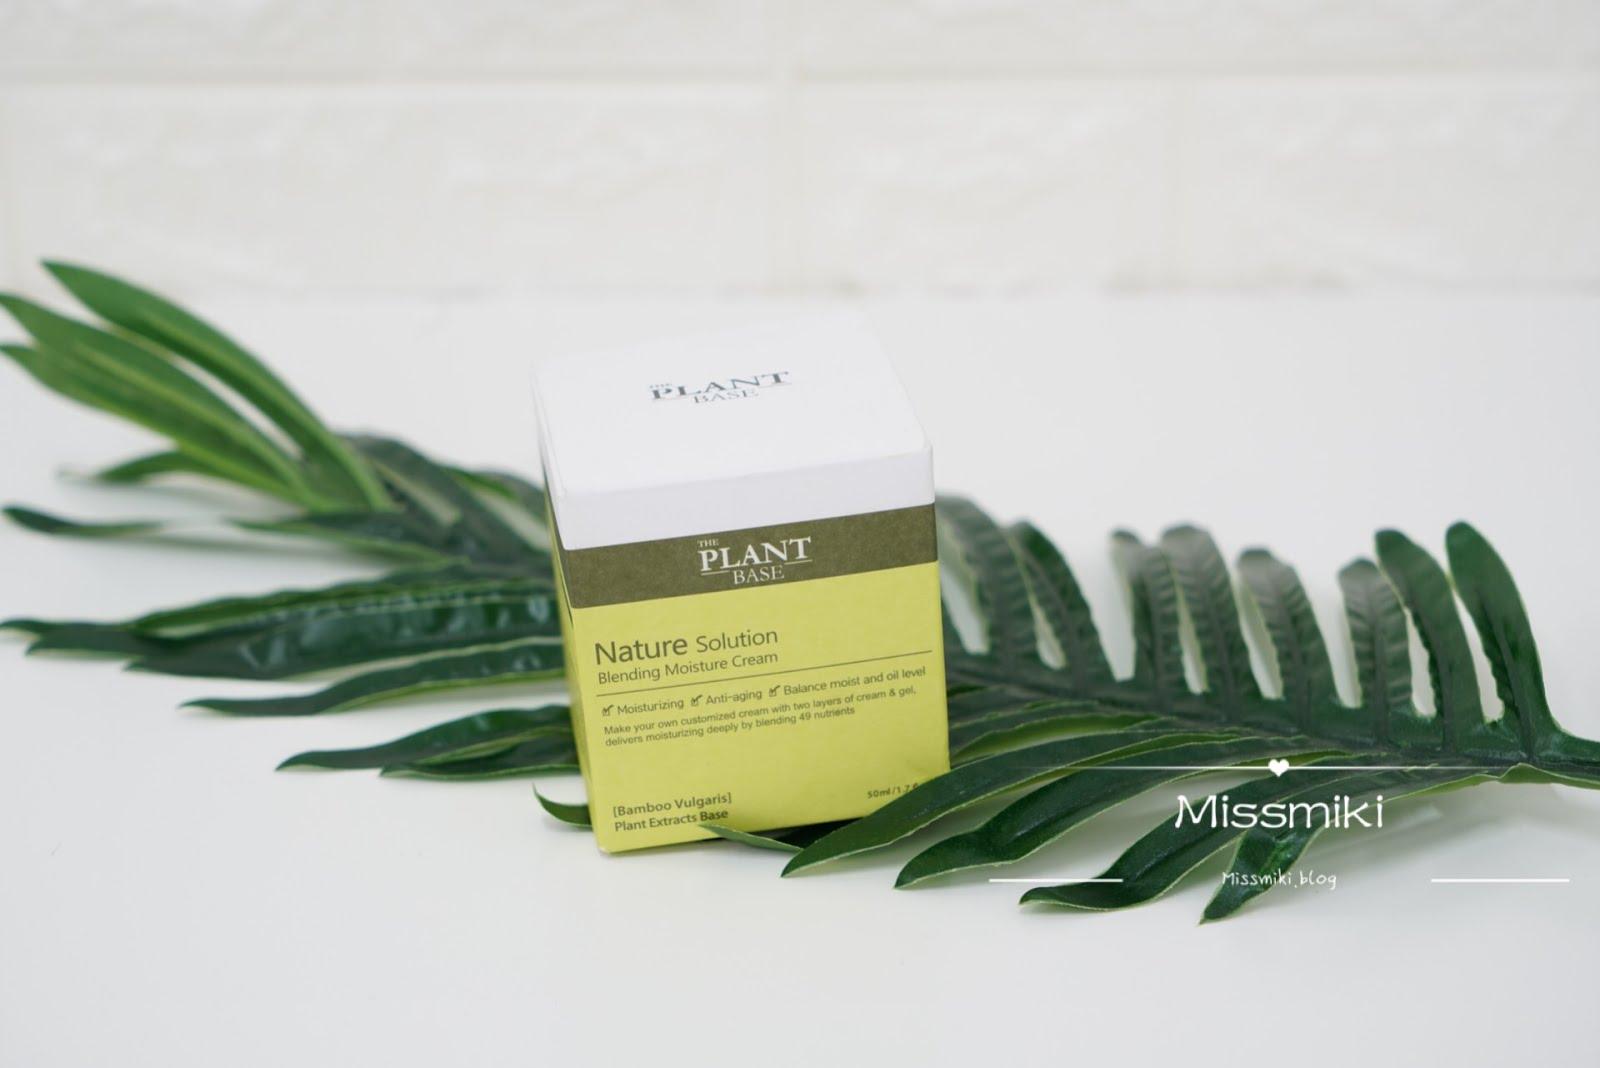 純天然植物提取|韓國品牌 The-Plant Base 天然翠竹混合滋潤面霜 IMG 0923